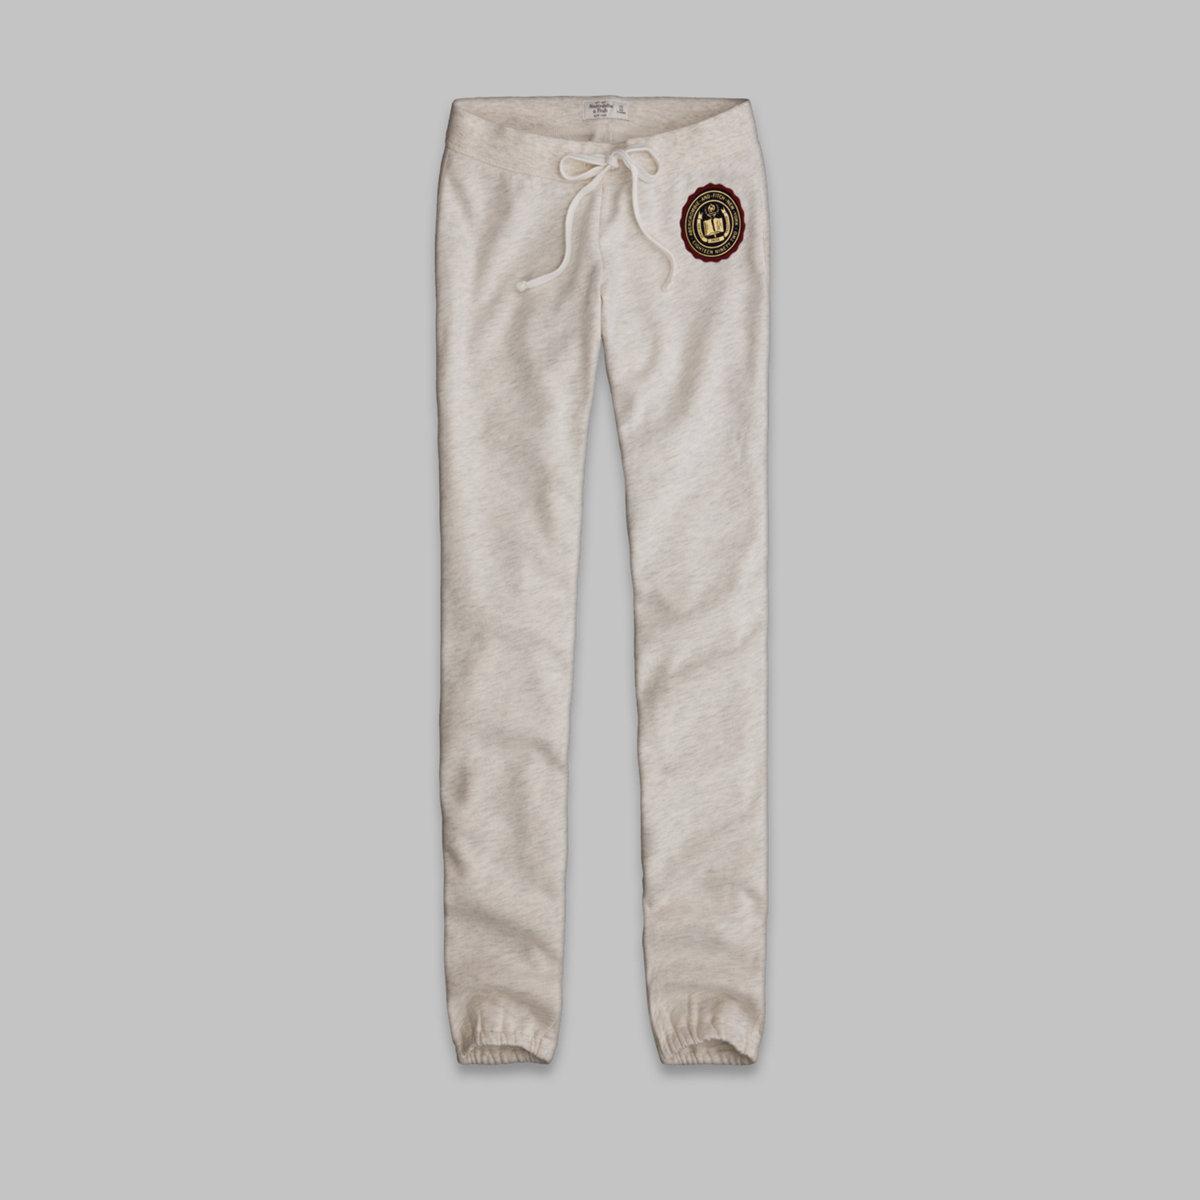 A&F Classic Banded Sweatpants